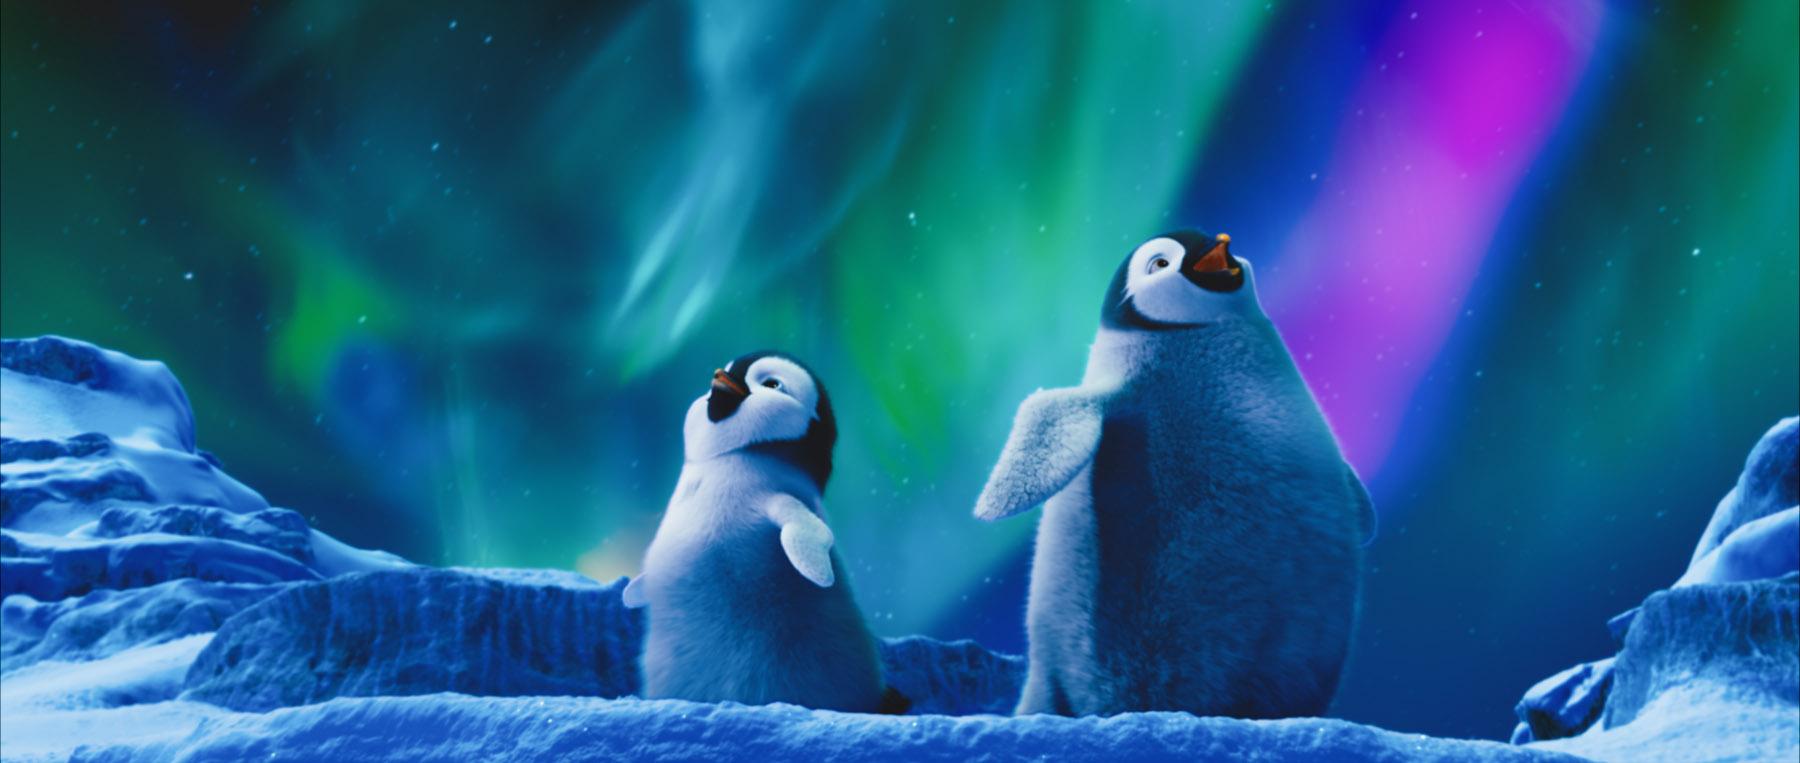 Erik and Atticus in Happy Feet 2 Desktop Wallpaper 1800x763